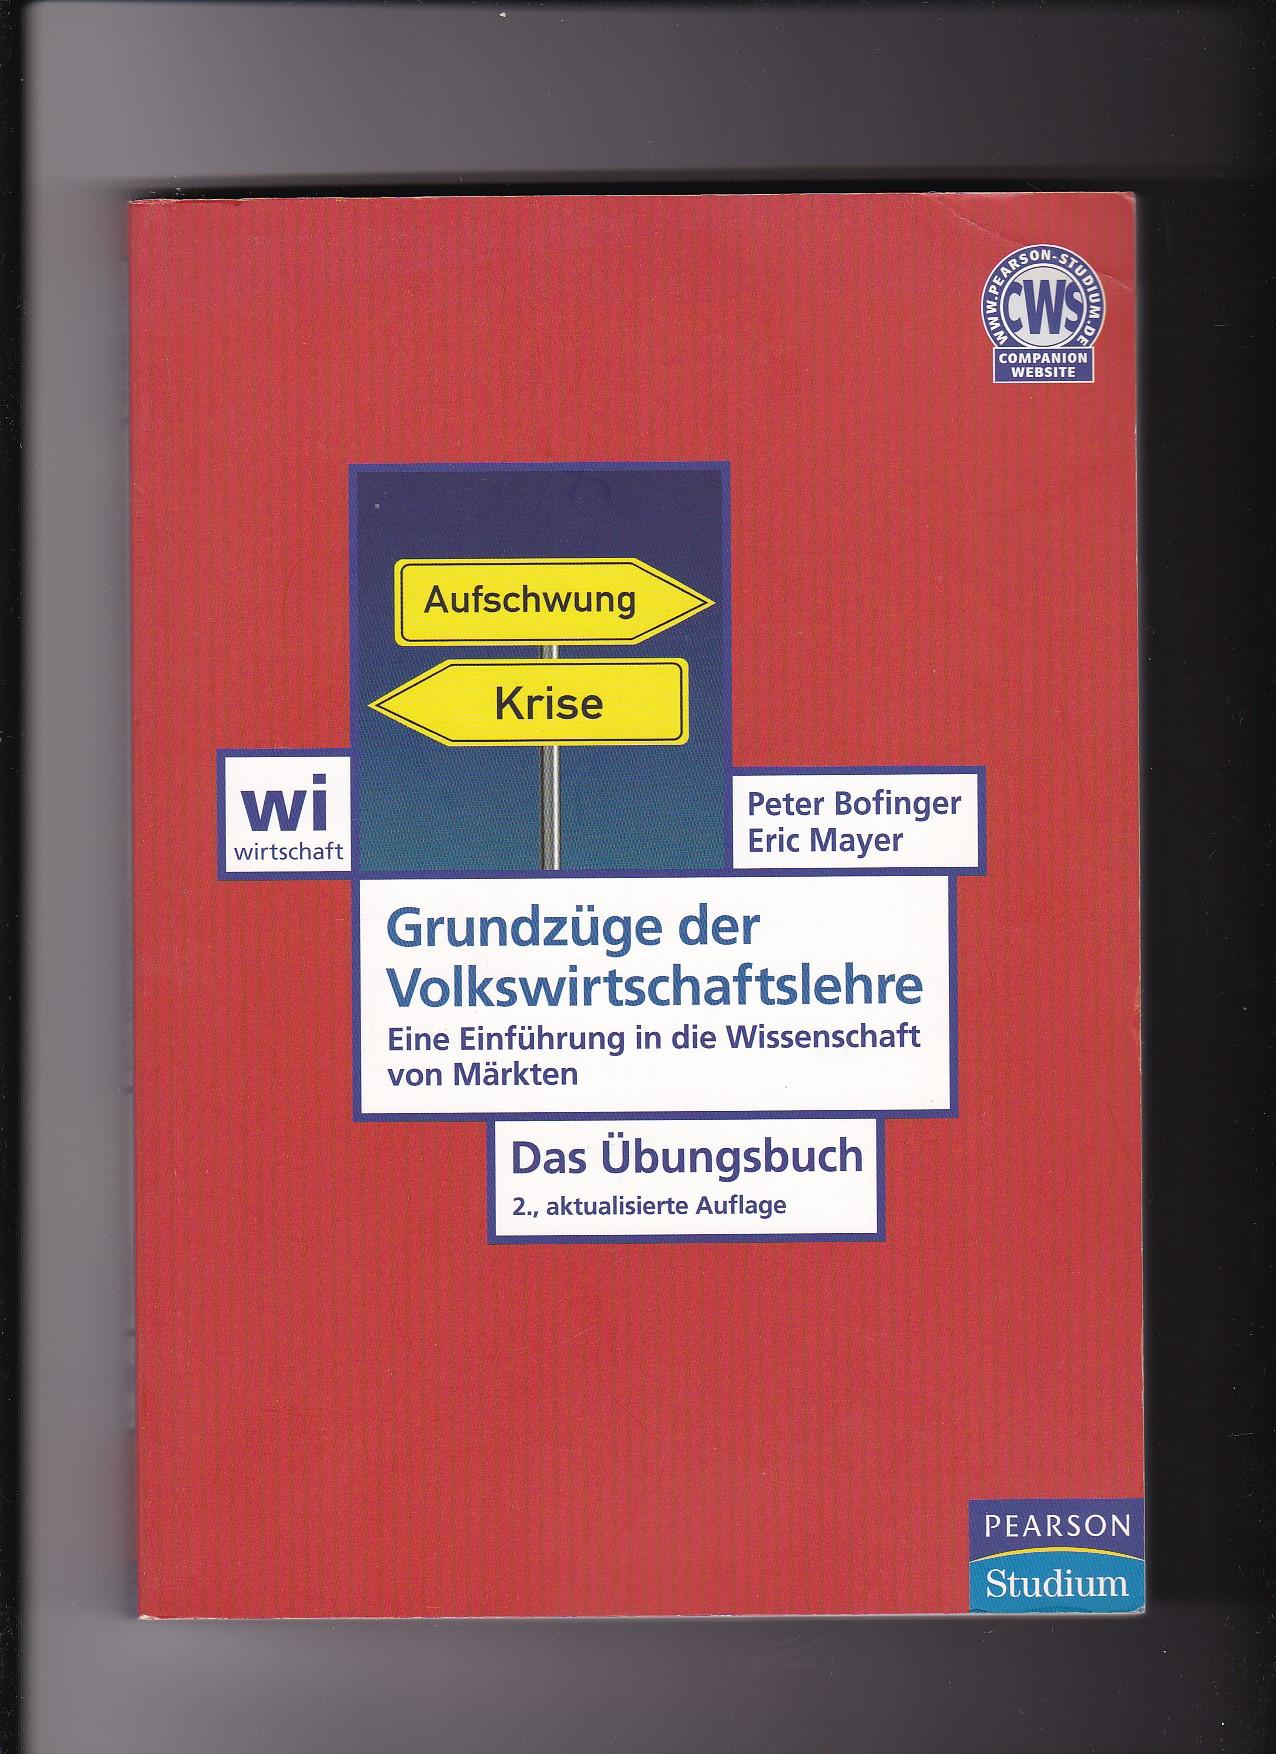 Peter Bofinger, Grundzüge der Volkswirtschaftslehre - Das Übungsbuch - Bofinger, Peter